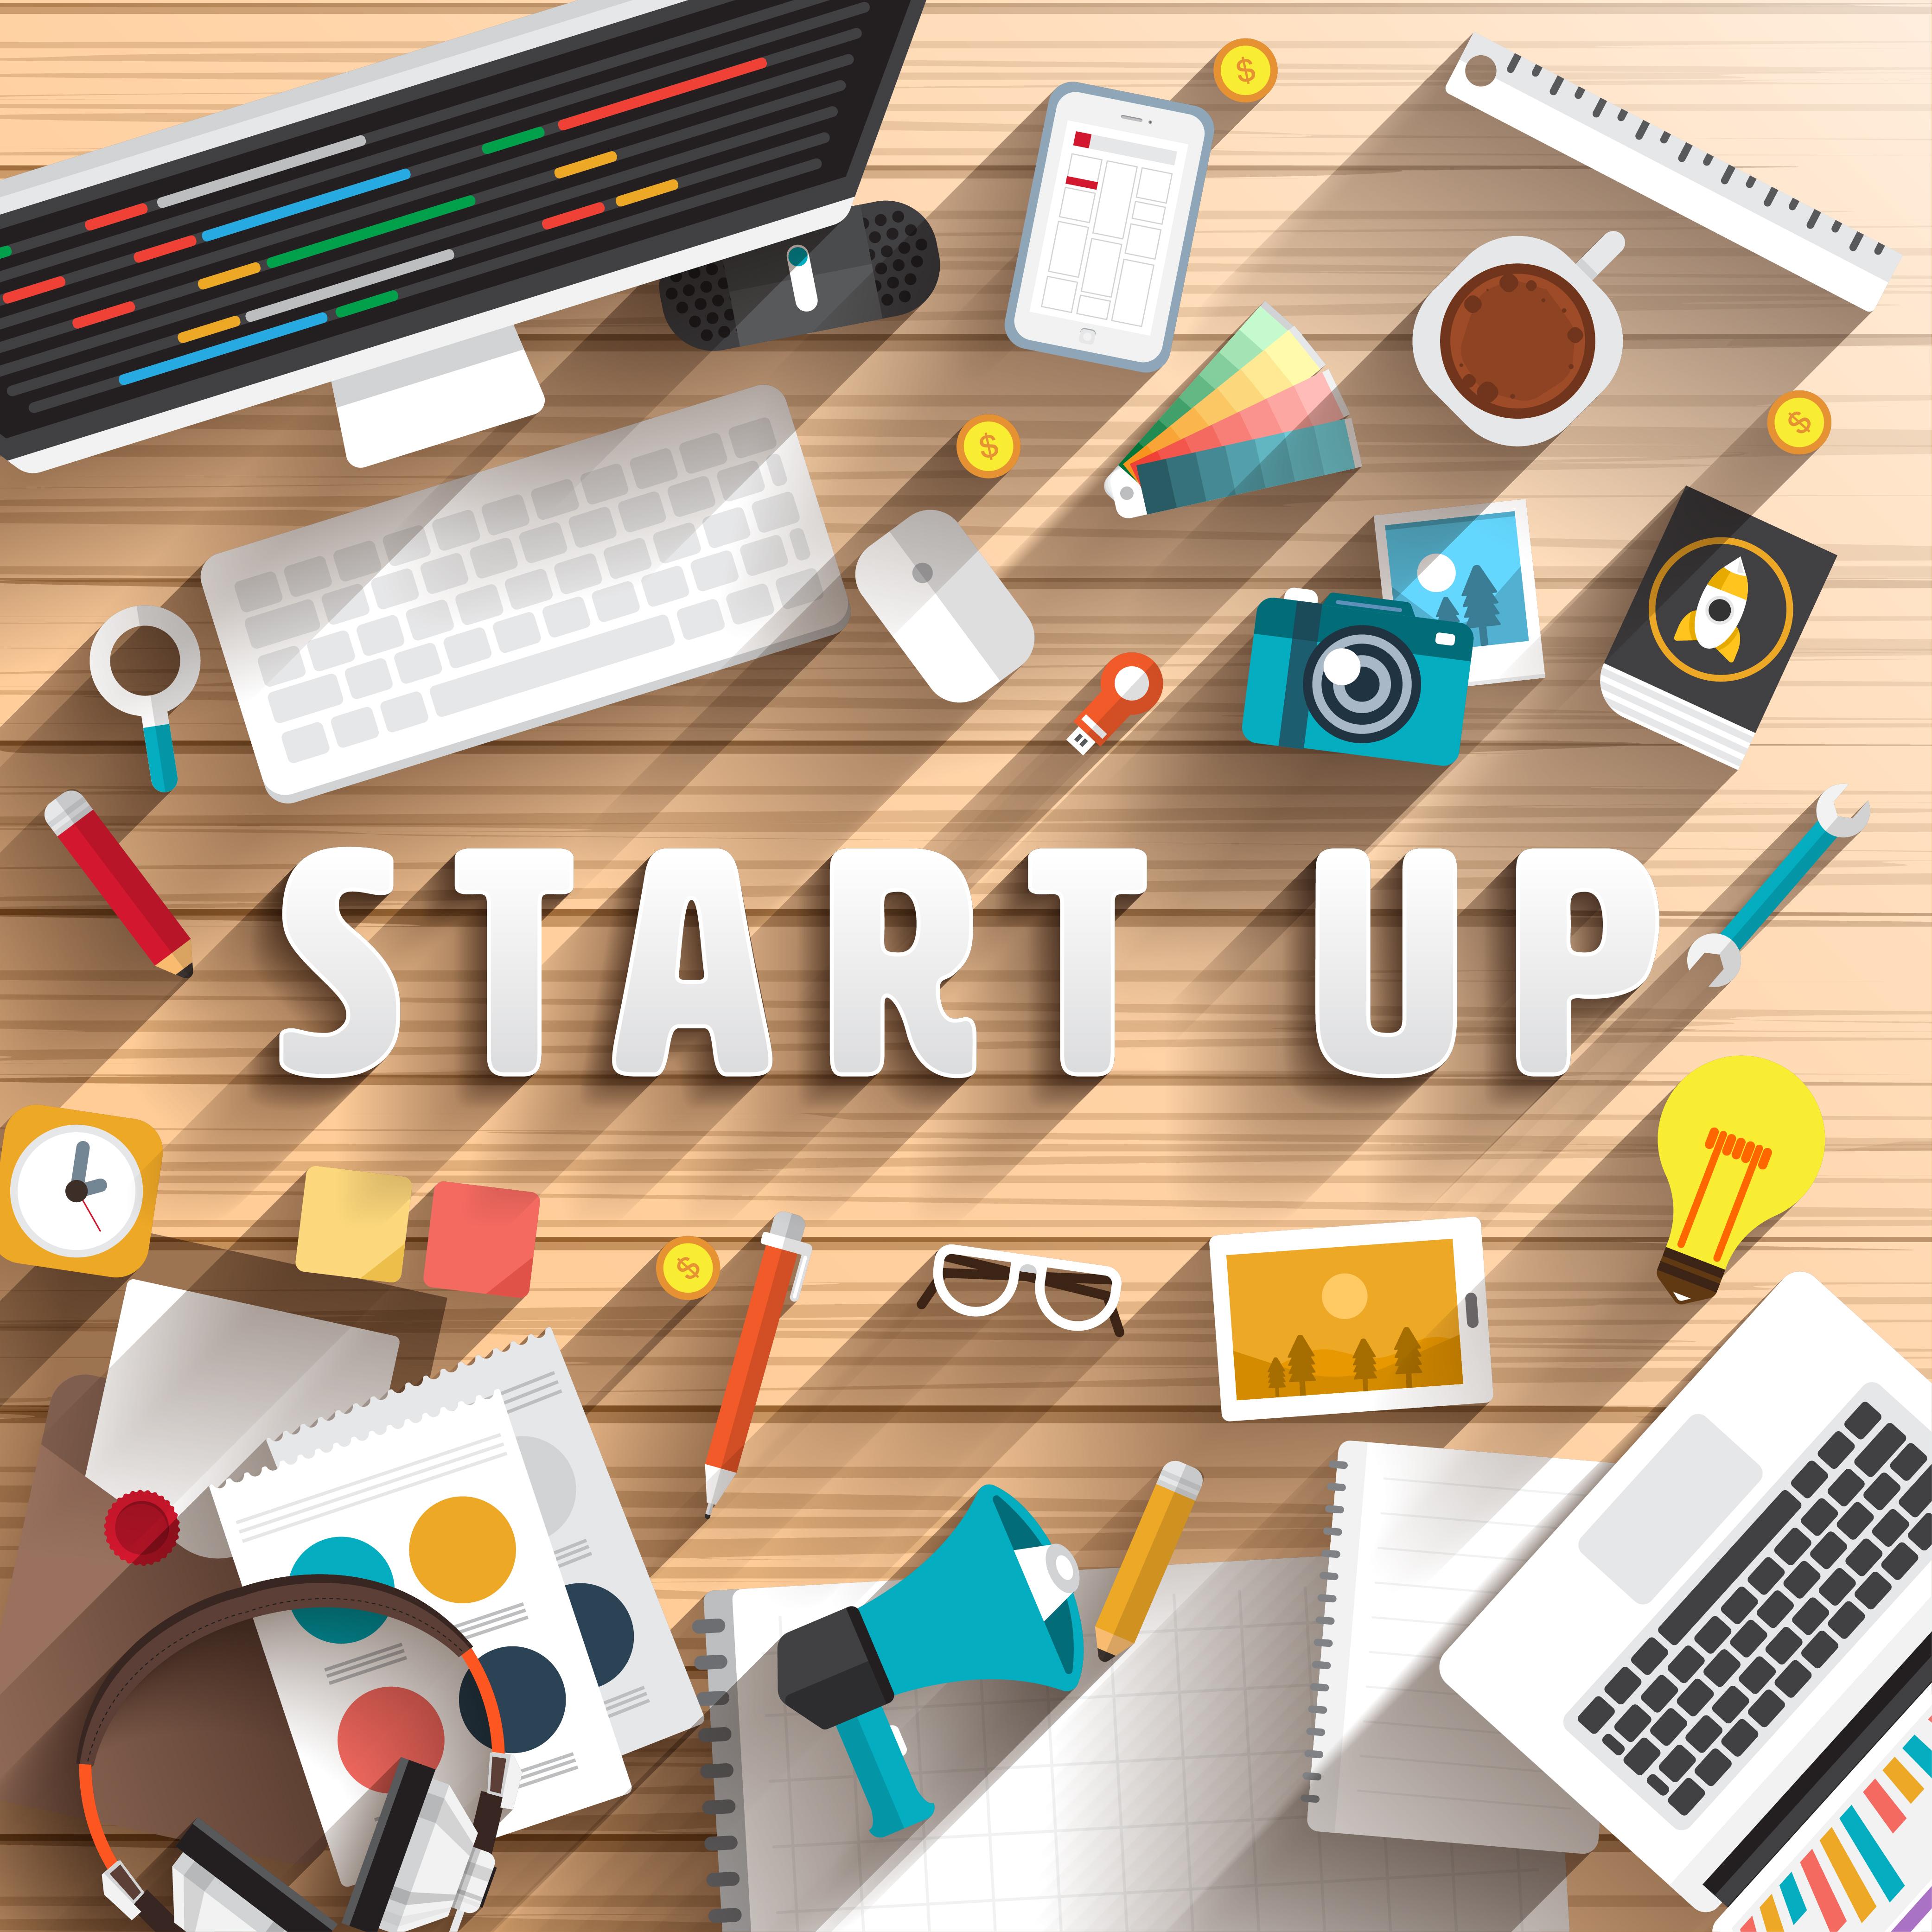 NeatVip.com - Chia sẻ kinh nghiệm giúp tự kinh doanh hiệu quả